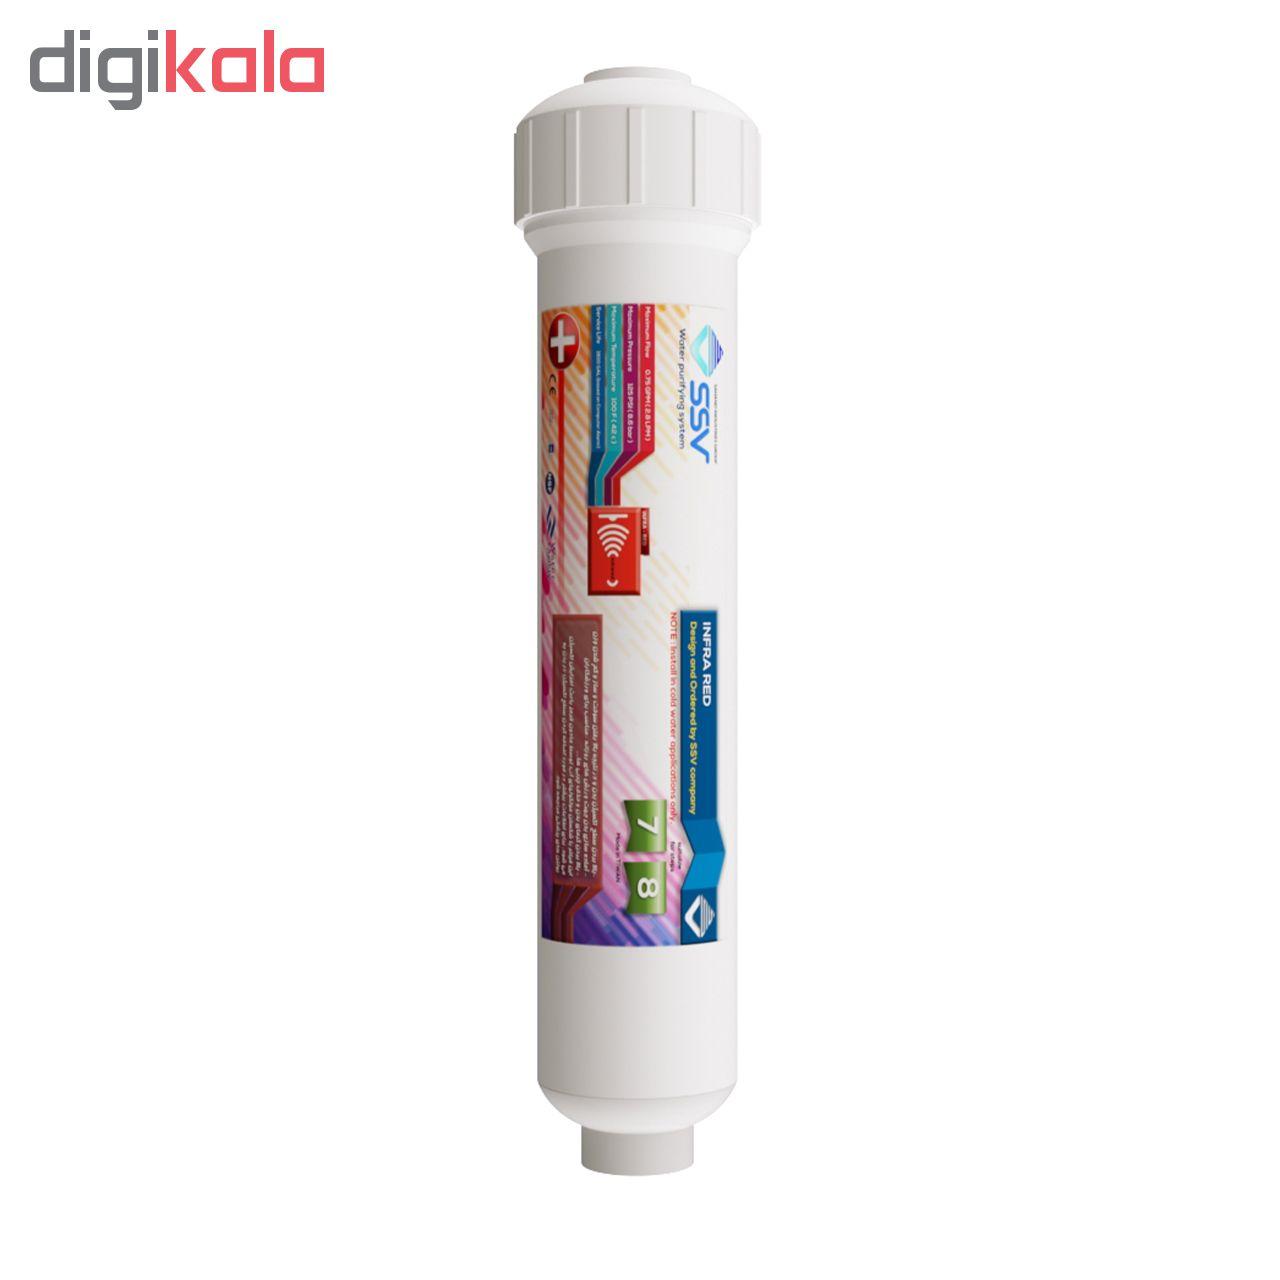 فیلتر تصفیه کننده آب خانگی اس اس وی مدل Rechargeable Infrared